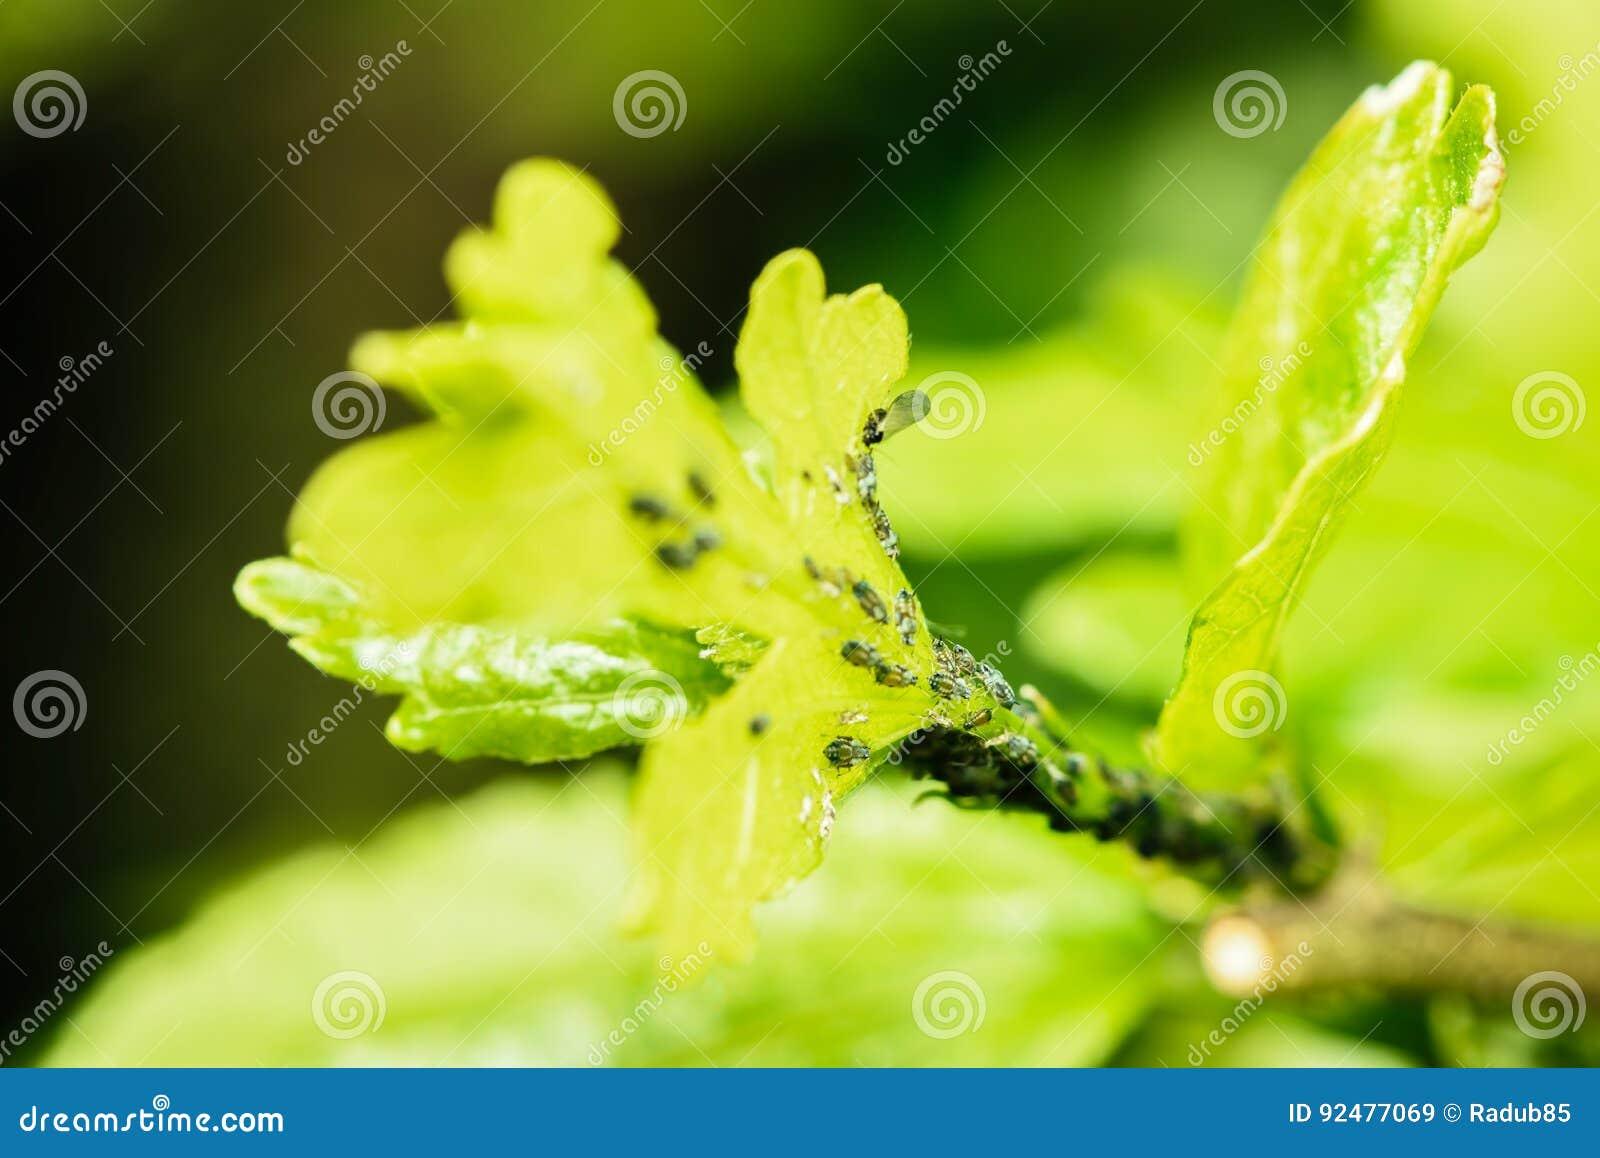 Bladlusbladlus-, bladlus-, blackflies- eller Whiteflieshemsökelse av växter